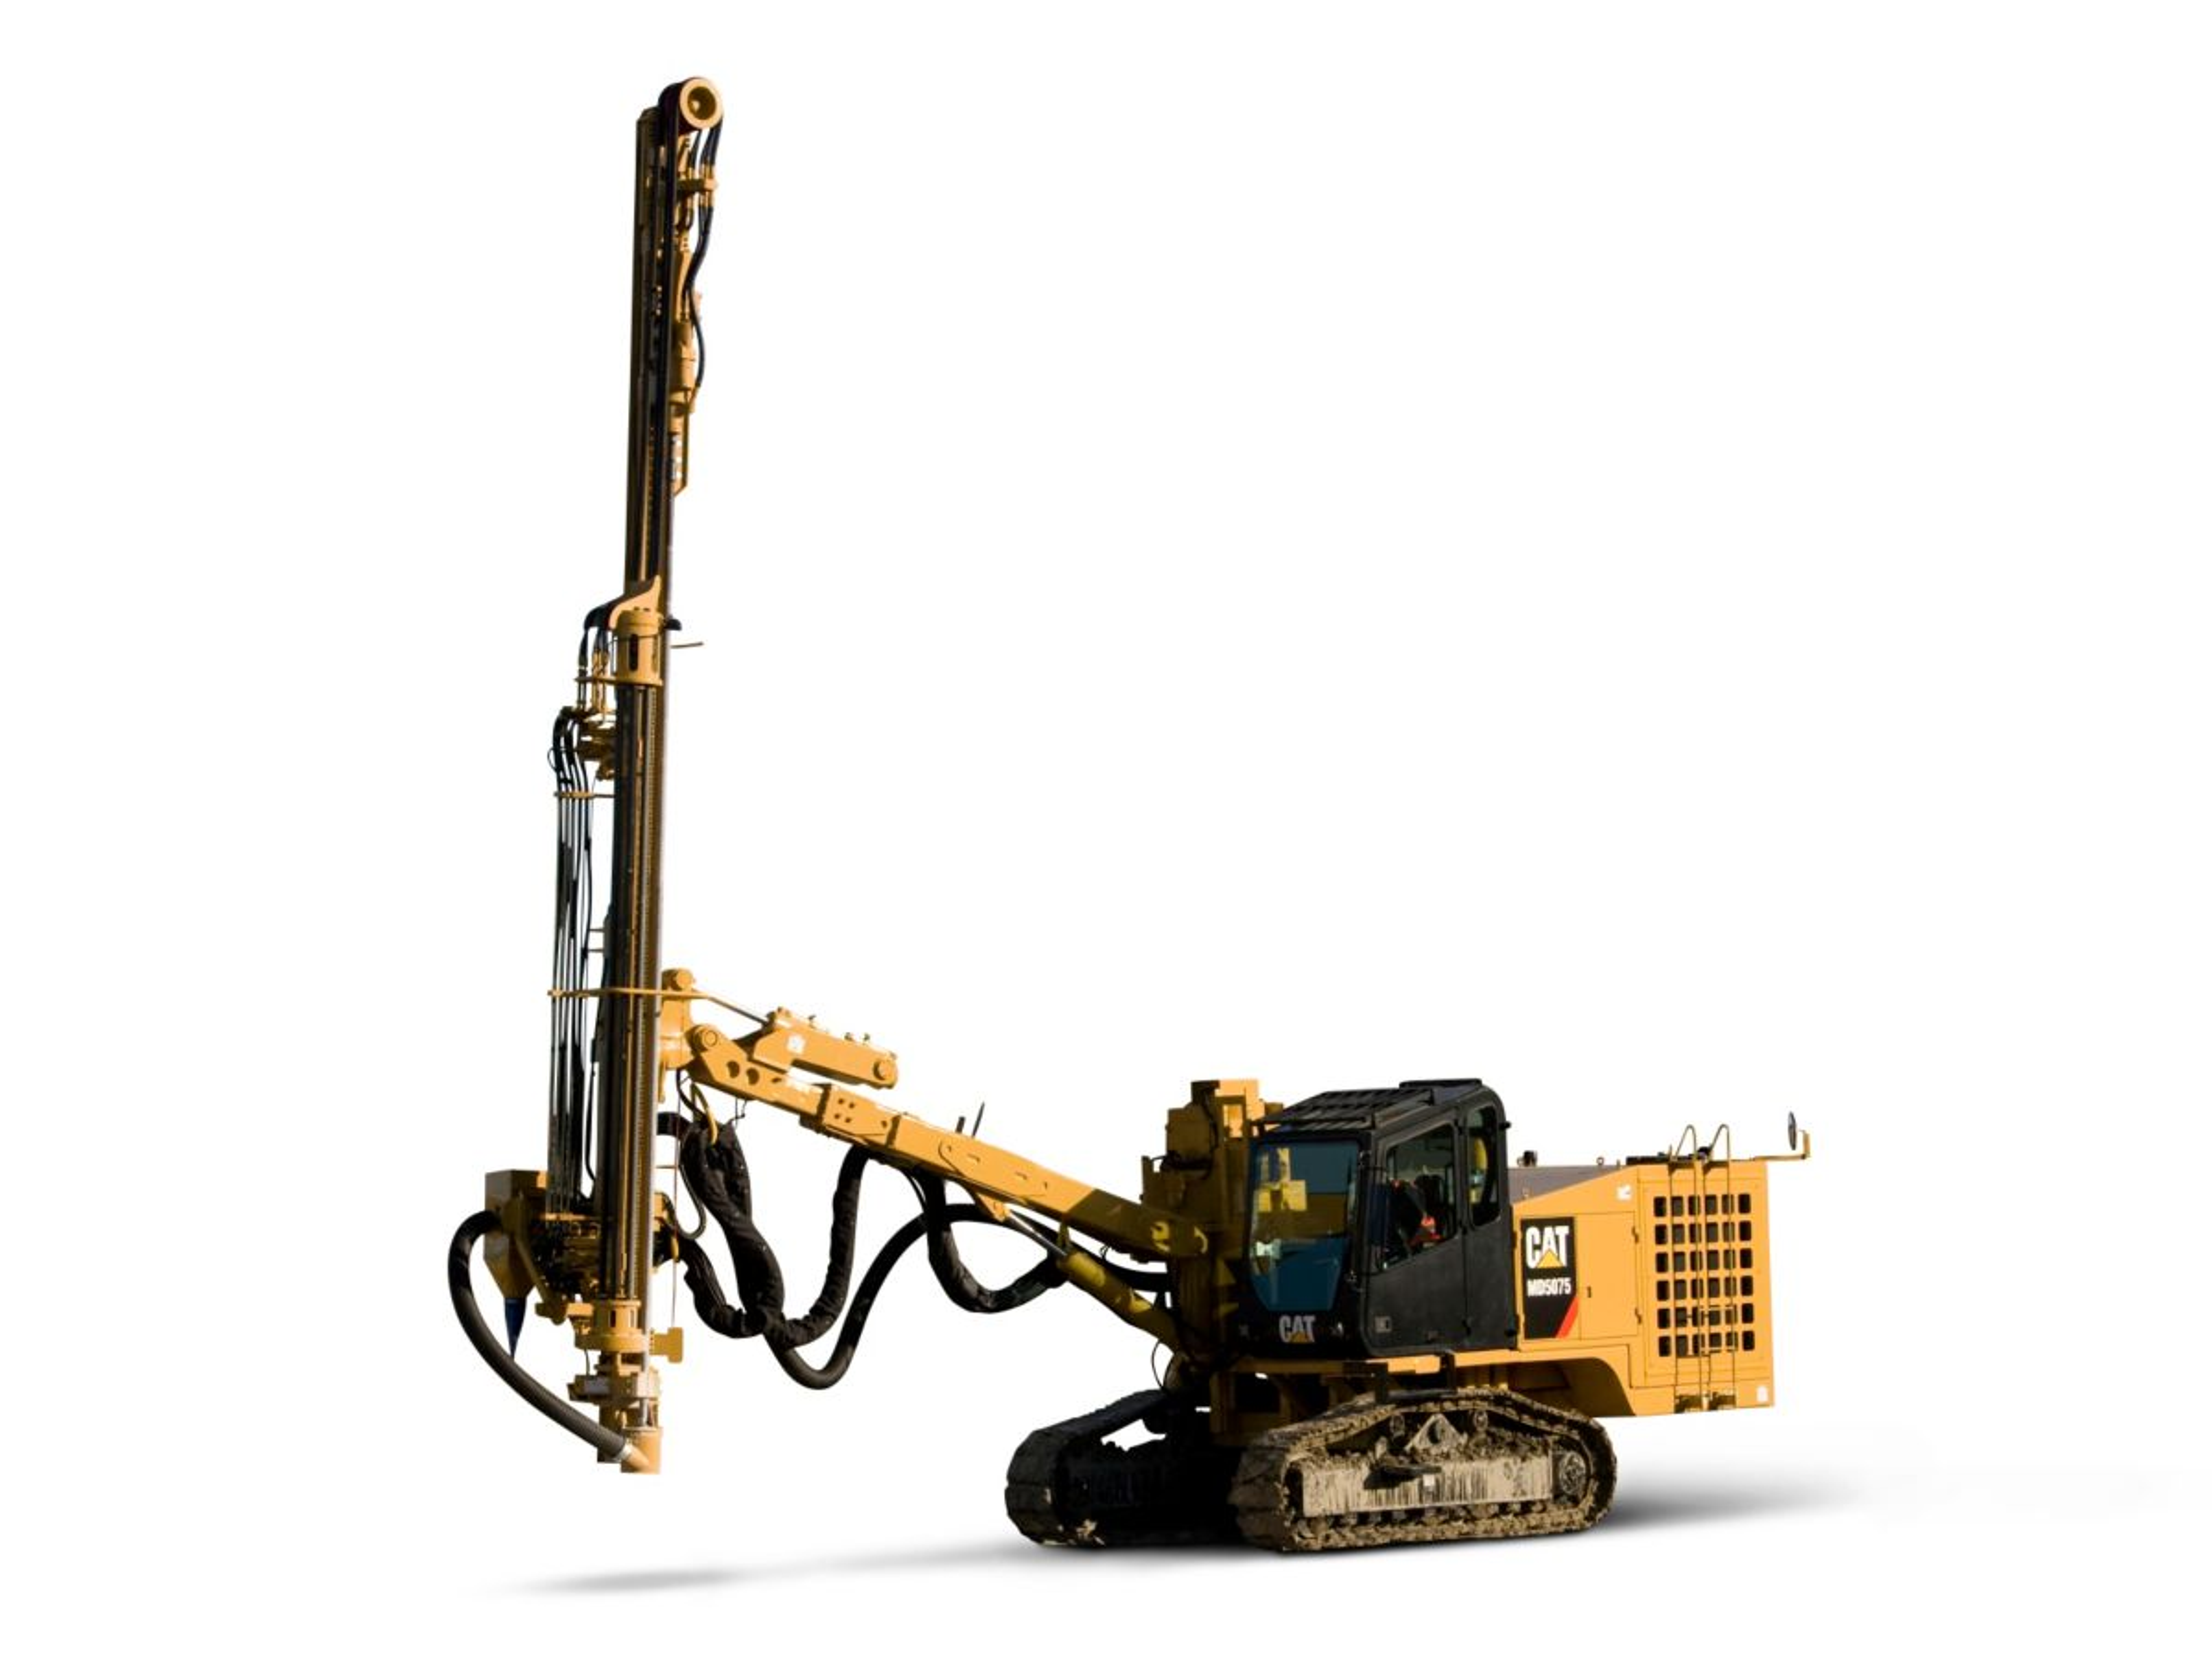 MD5075 Drills